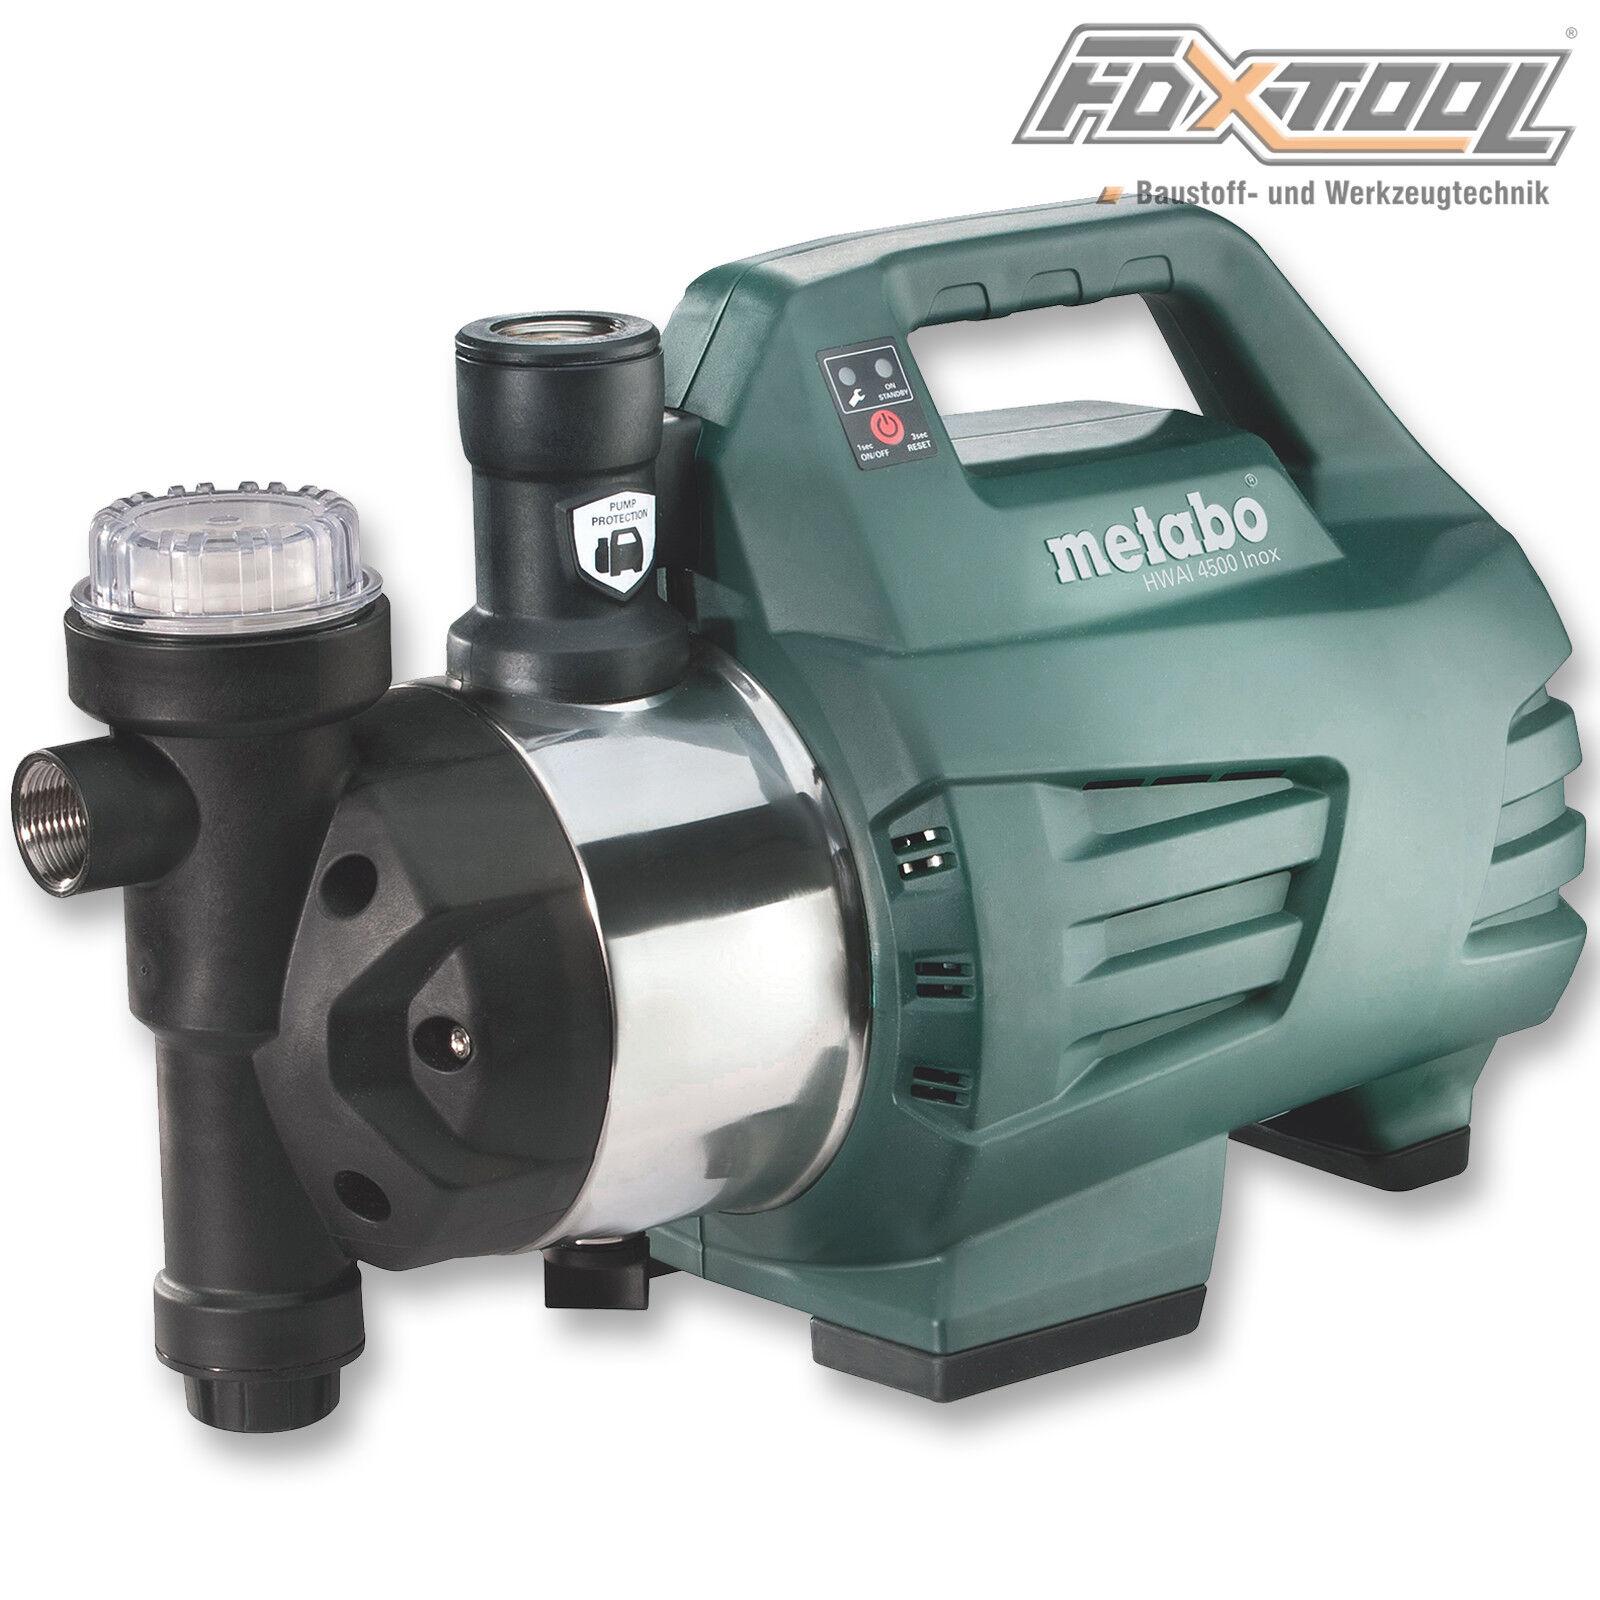 Metabo Hauswasserautomat HWAI 4500 Inox  Edelstahl